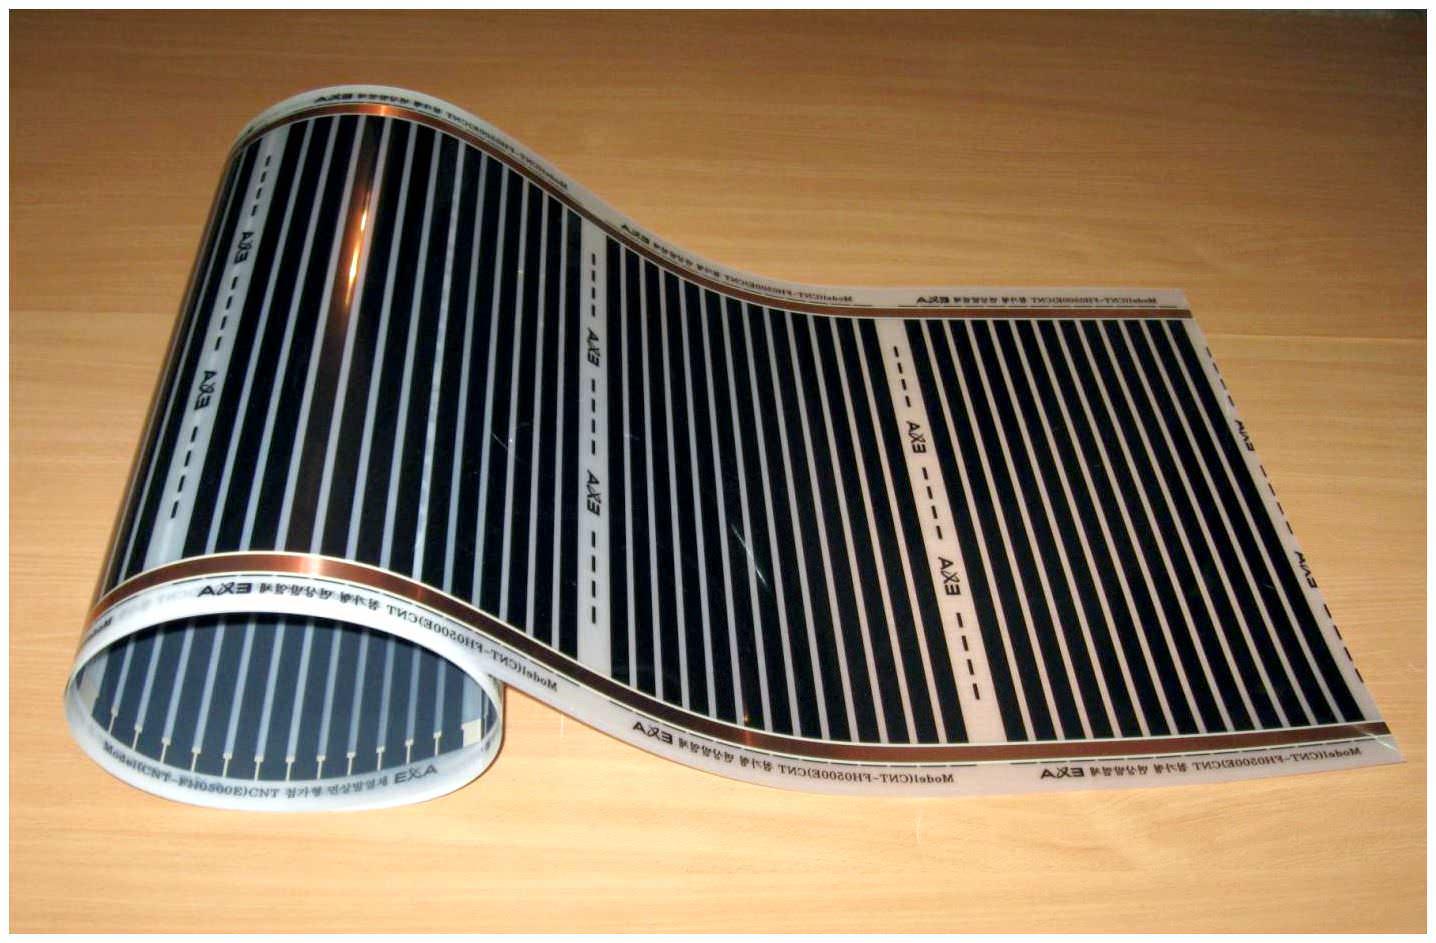 Теплый пол с инфракрасными карбоновыми нагревательными пленками. Представляет собой рулон многослойной водонепроницаемой PET-пленки толщиной 0,4 мм с запаянным сплошным углеродным полимерным слоем и токопроводящими медными шинами. Удельная мощность пленки – 30-35 Вт/м2. Пленка излучает инфракрасные электромагнитные волны, благотворно влияющие на рост растений.